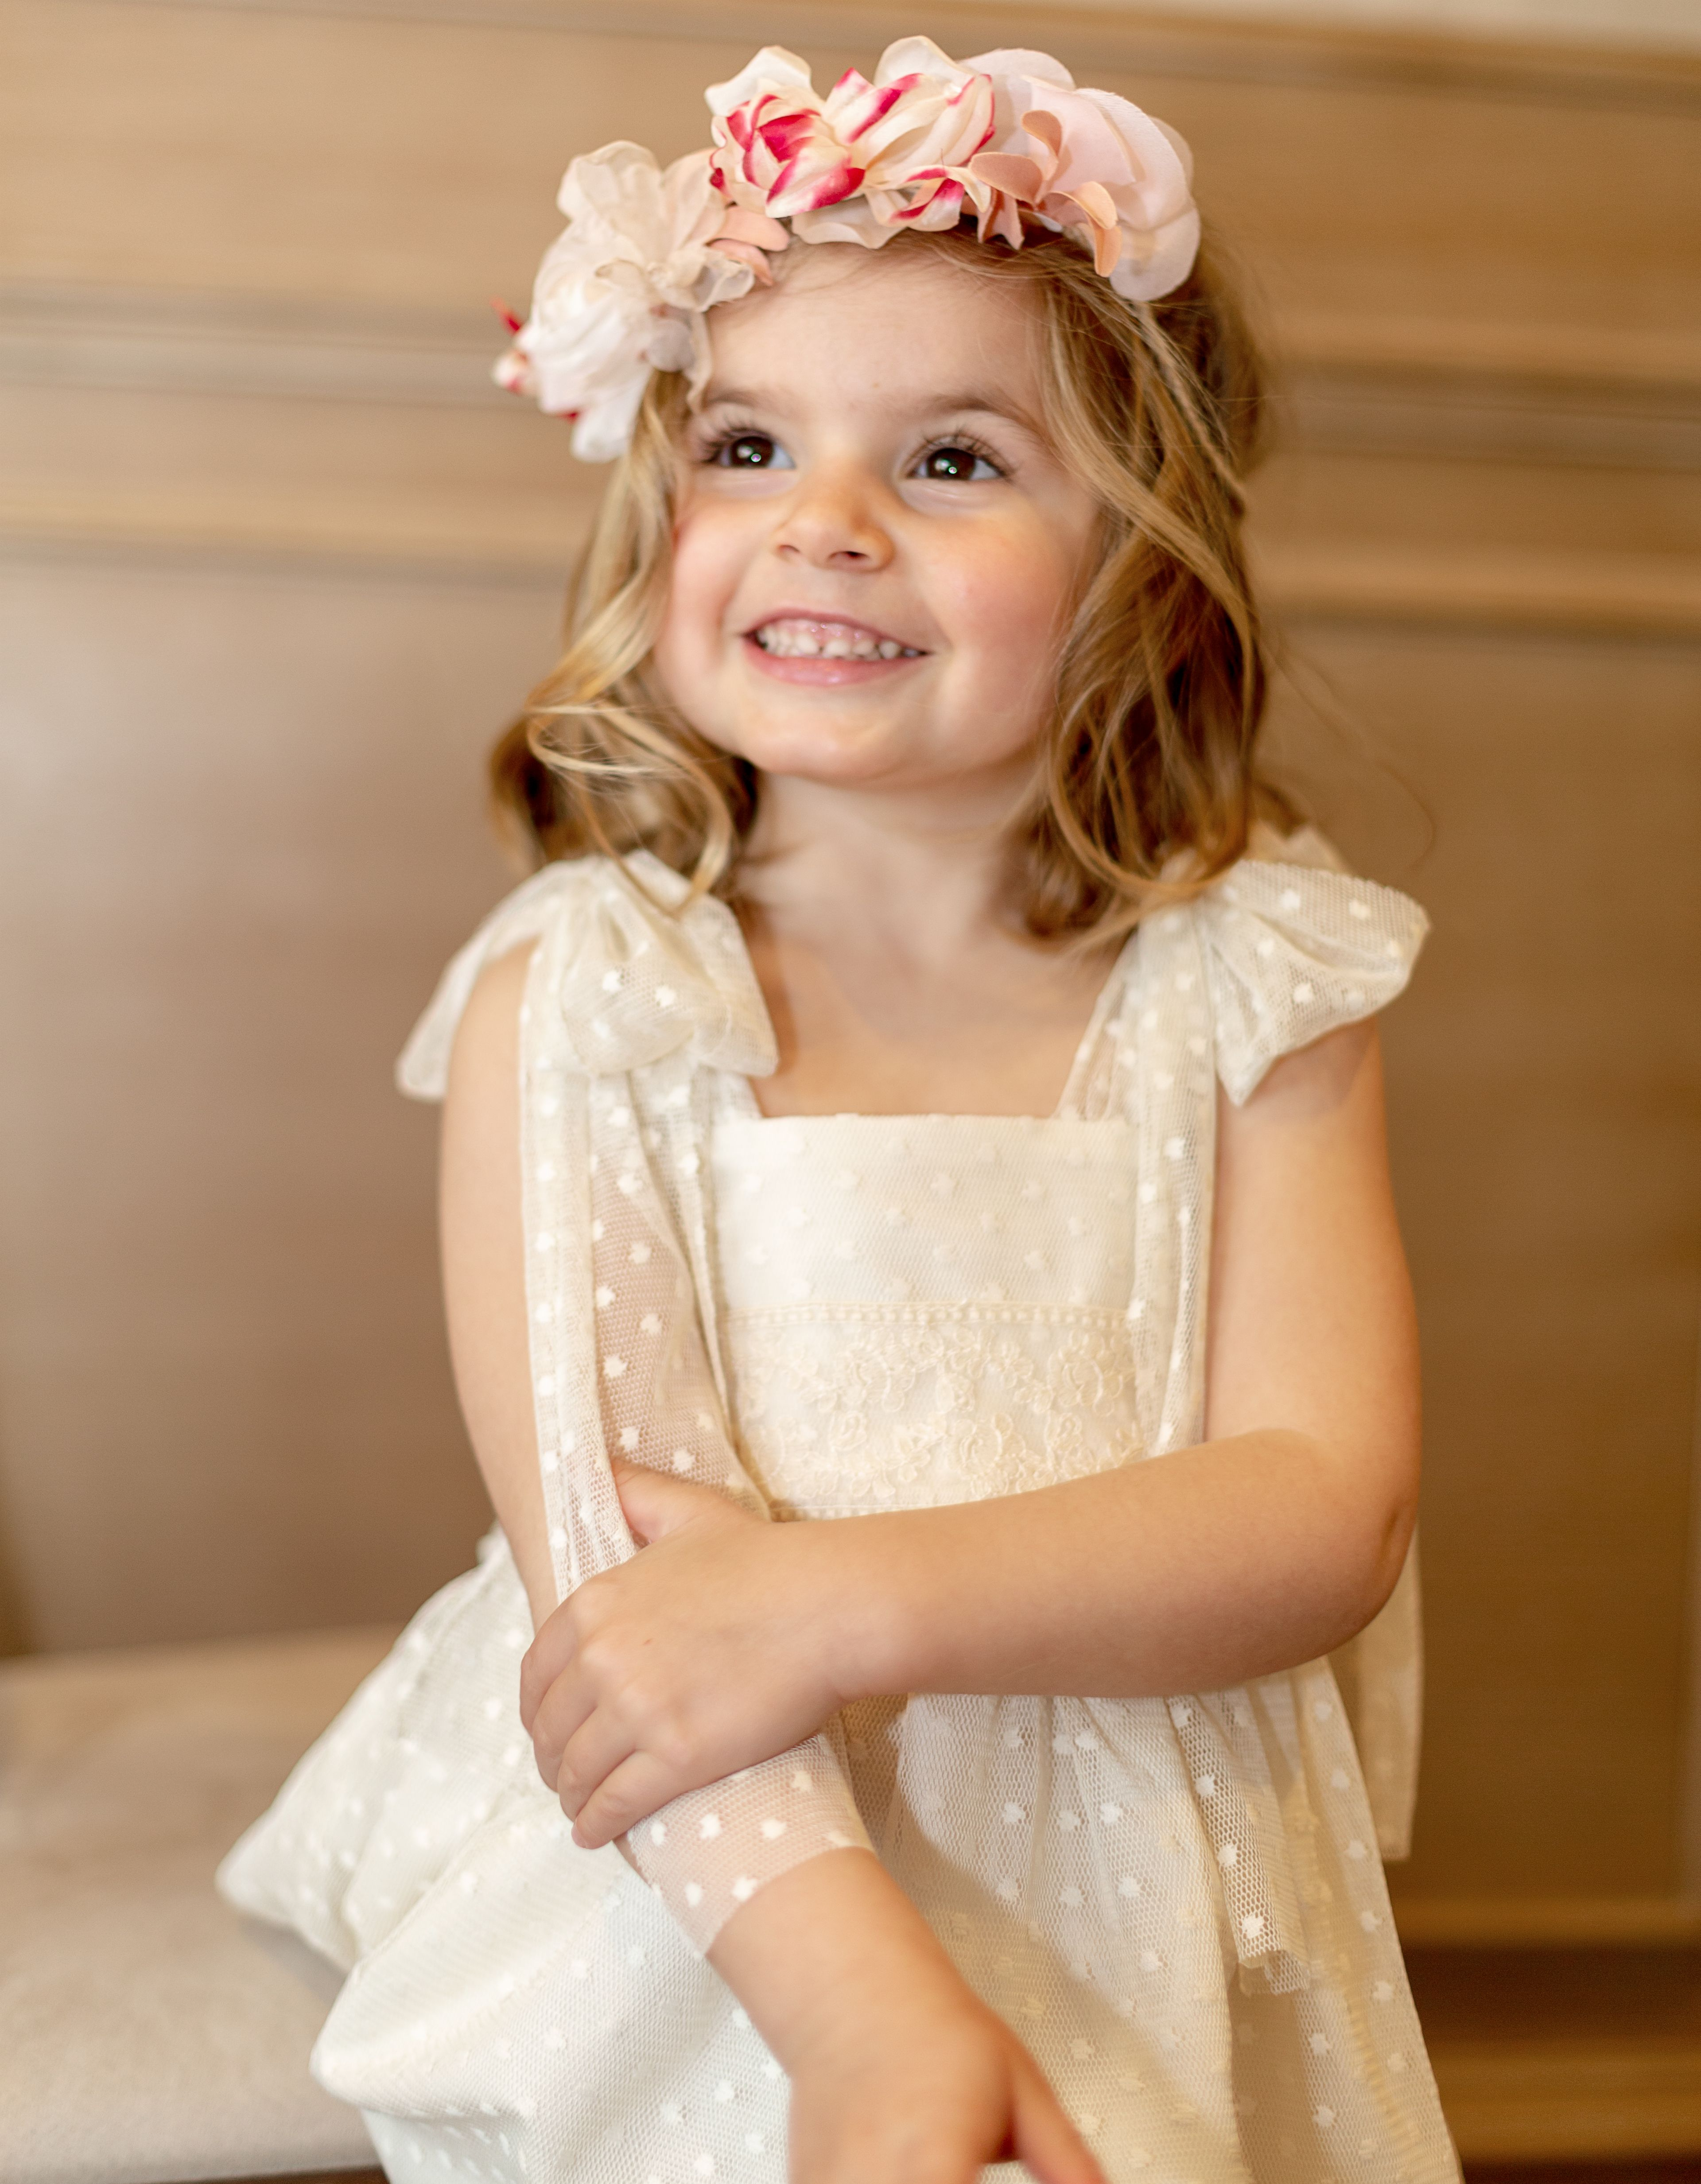 eab4b4ec5 Vestido de Niña para ceremonia de la colección Toffe confeccionado con tul  plumeti beige sobre base